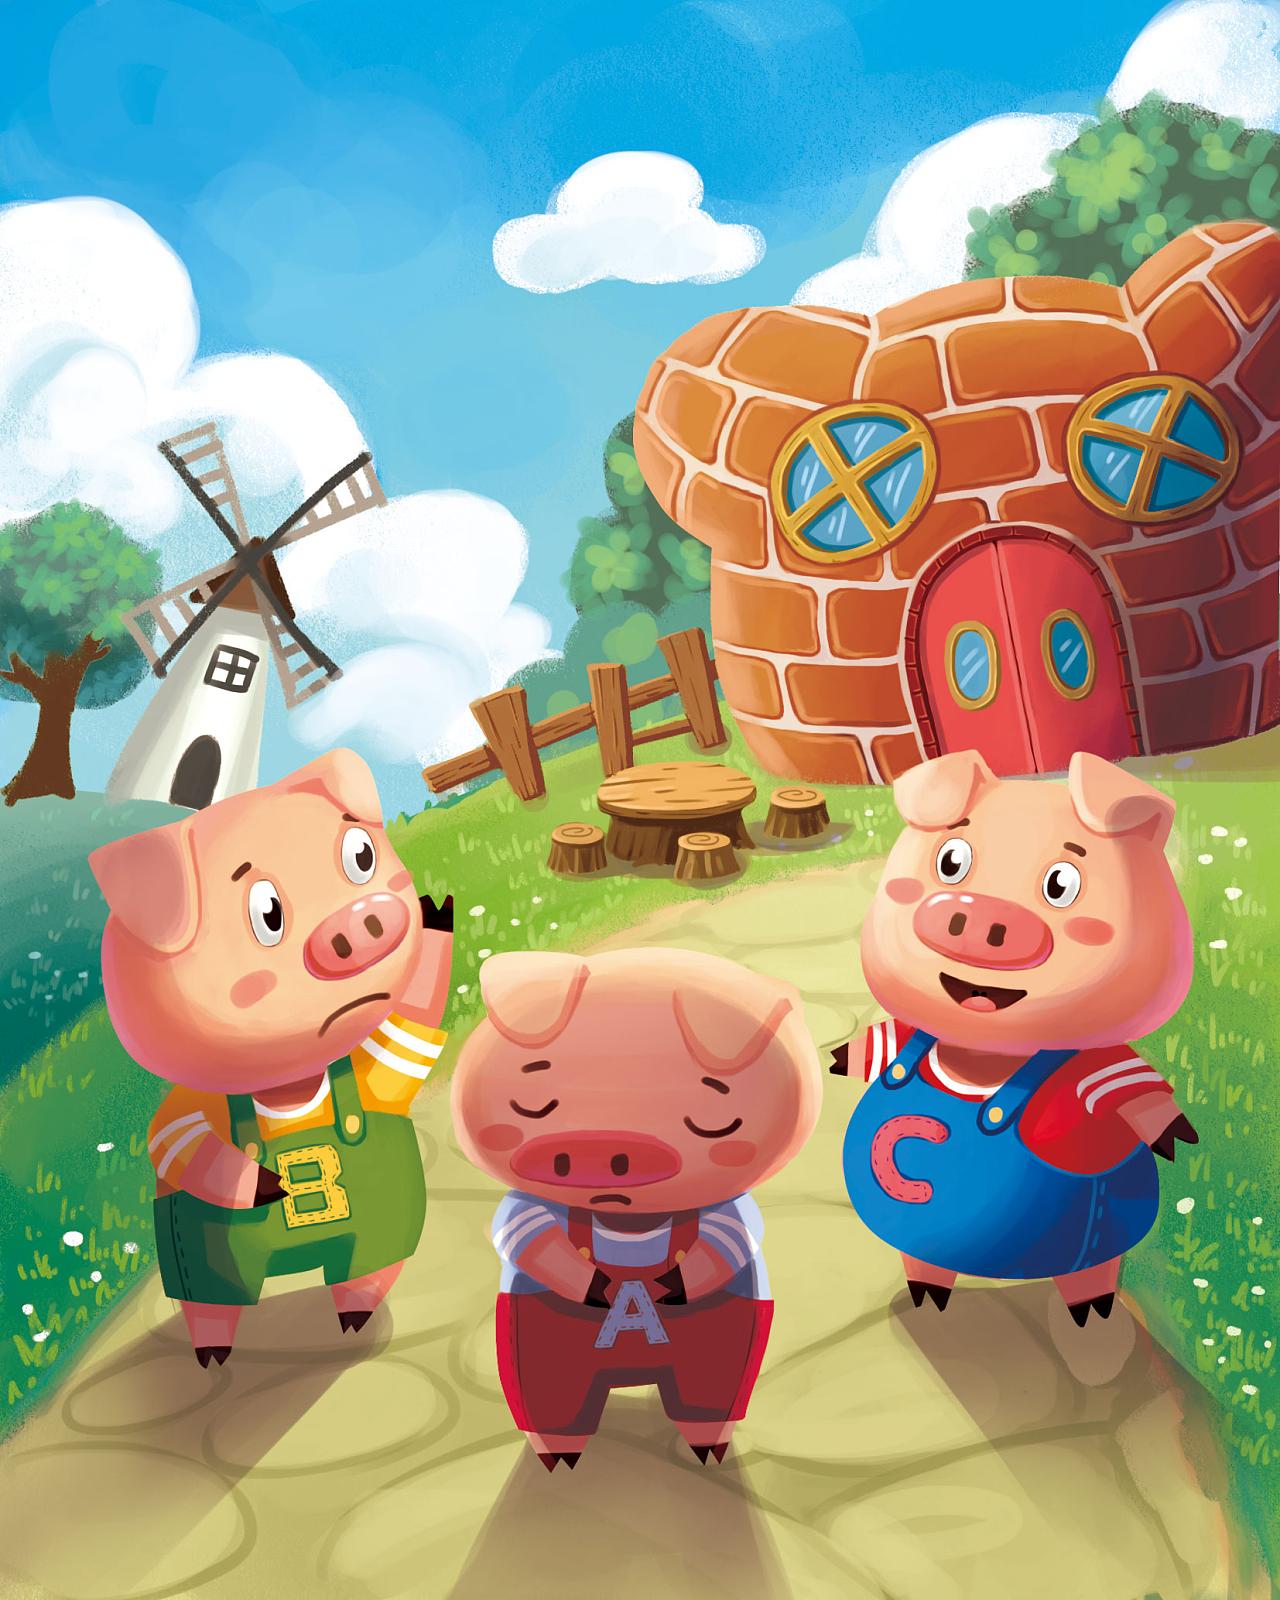 小猪卡通图片图片_小猪卡通图片图片下载图片